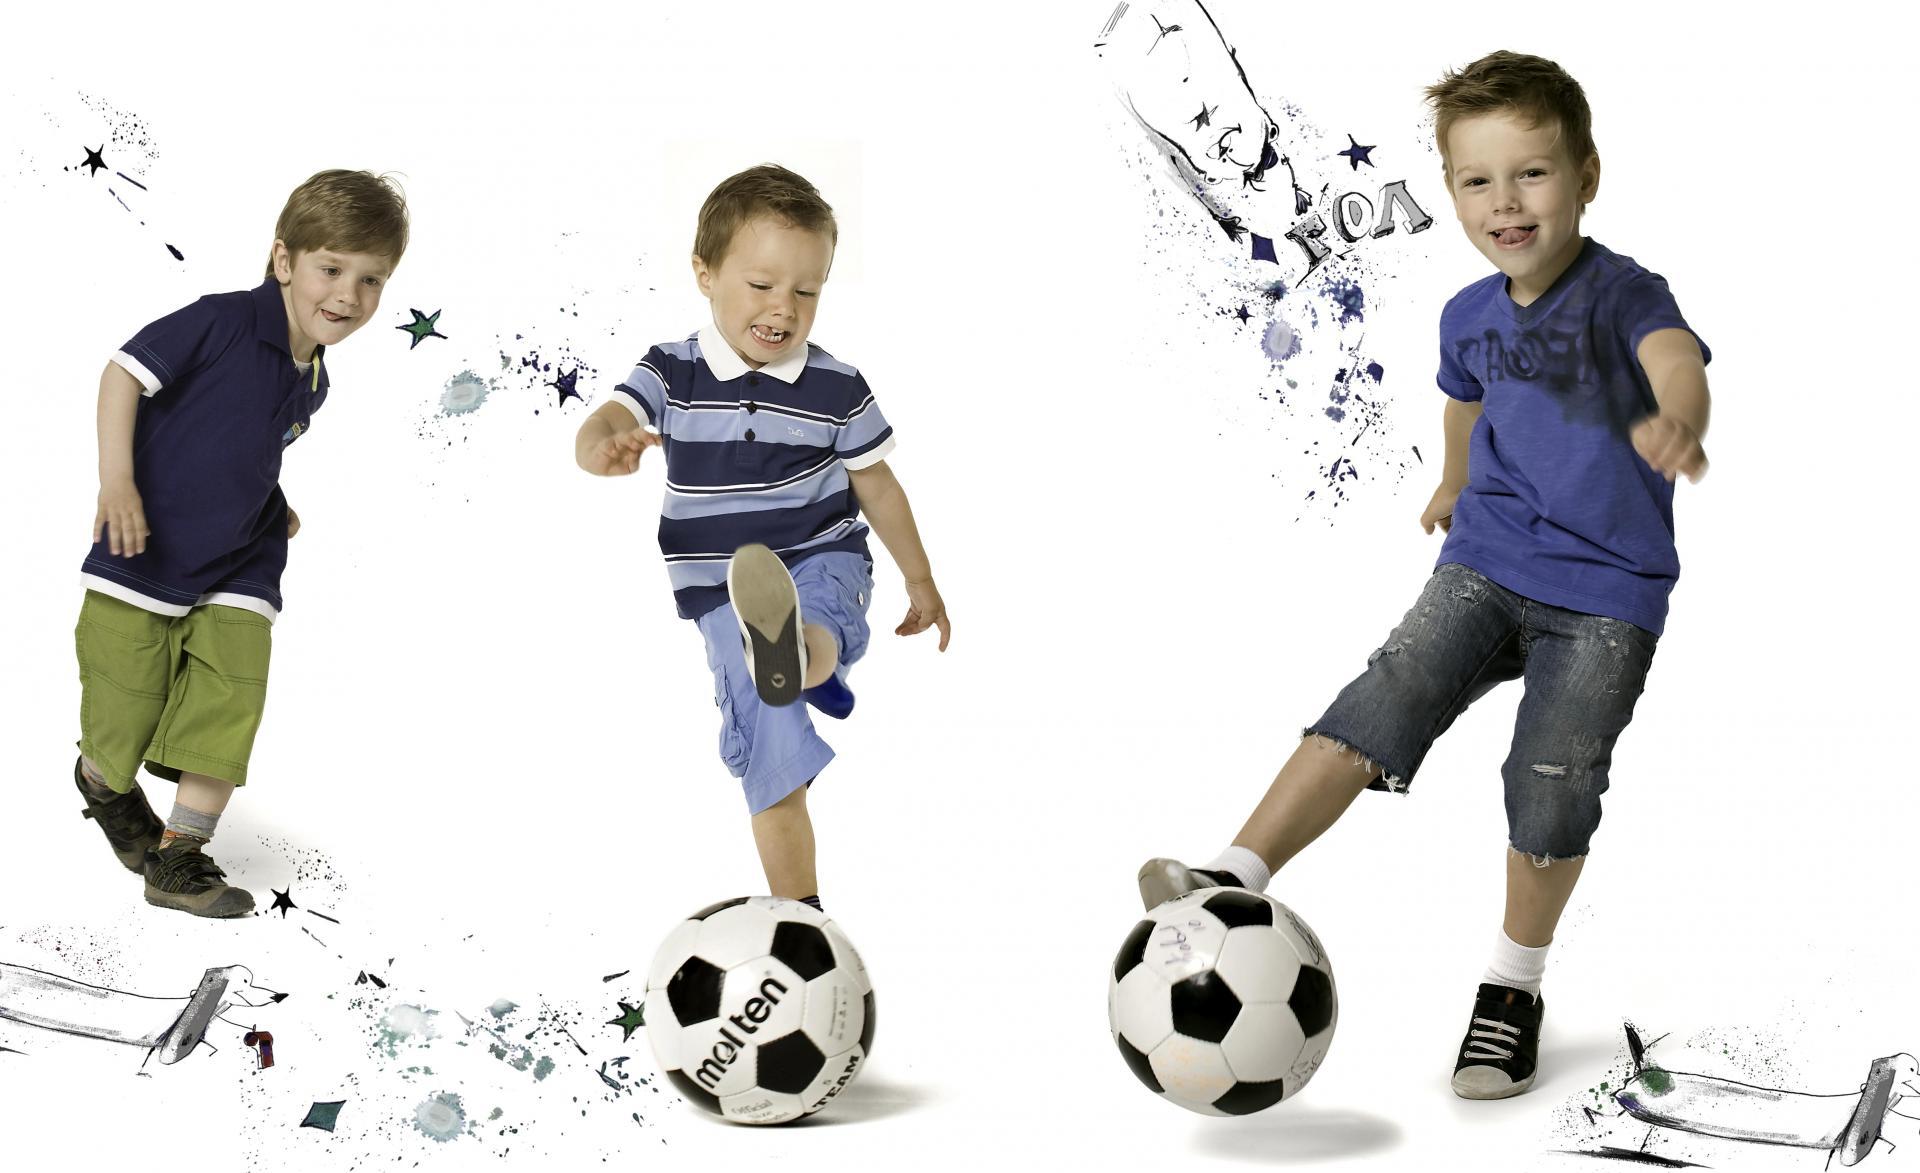 Мальчики играют в футбол